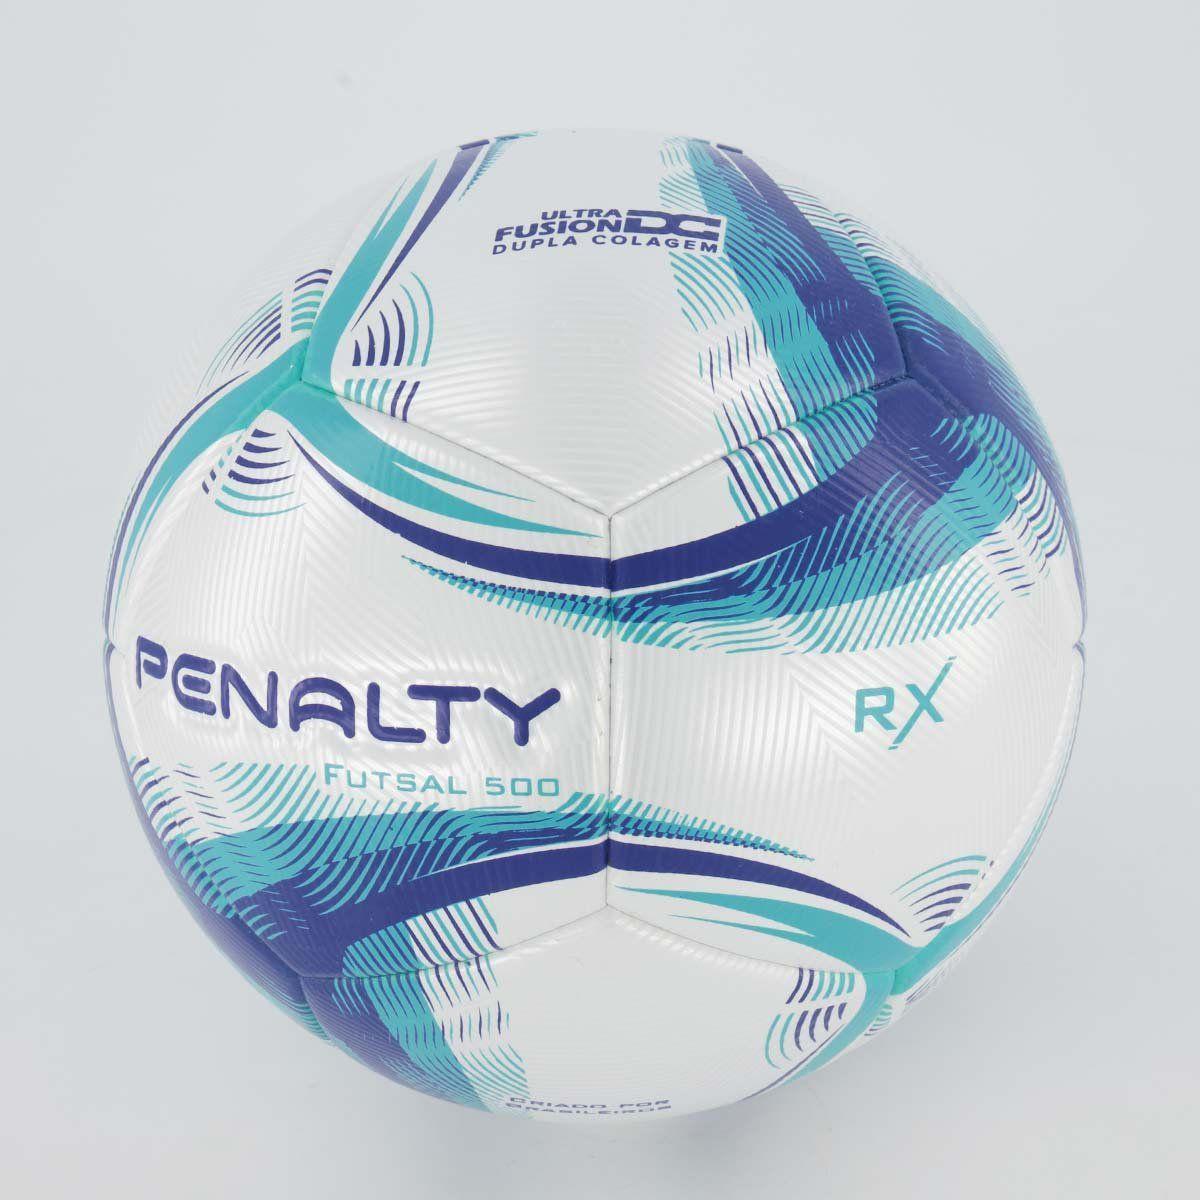 Cupom de desconto Bola Penalty RX 500 IX Futsal Branca e Azul